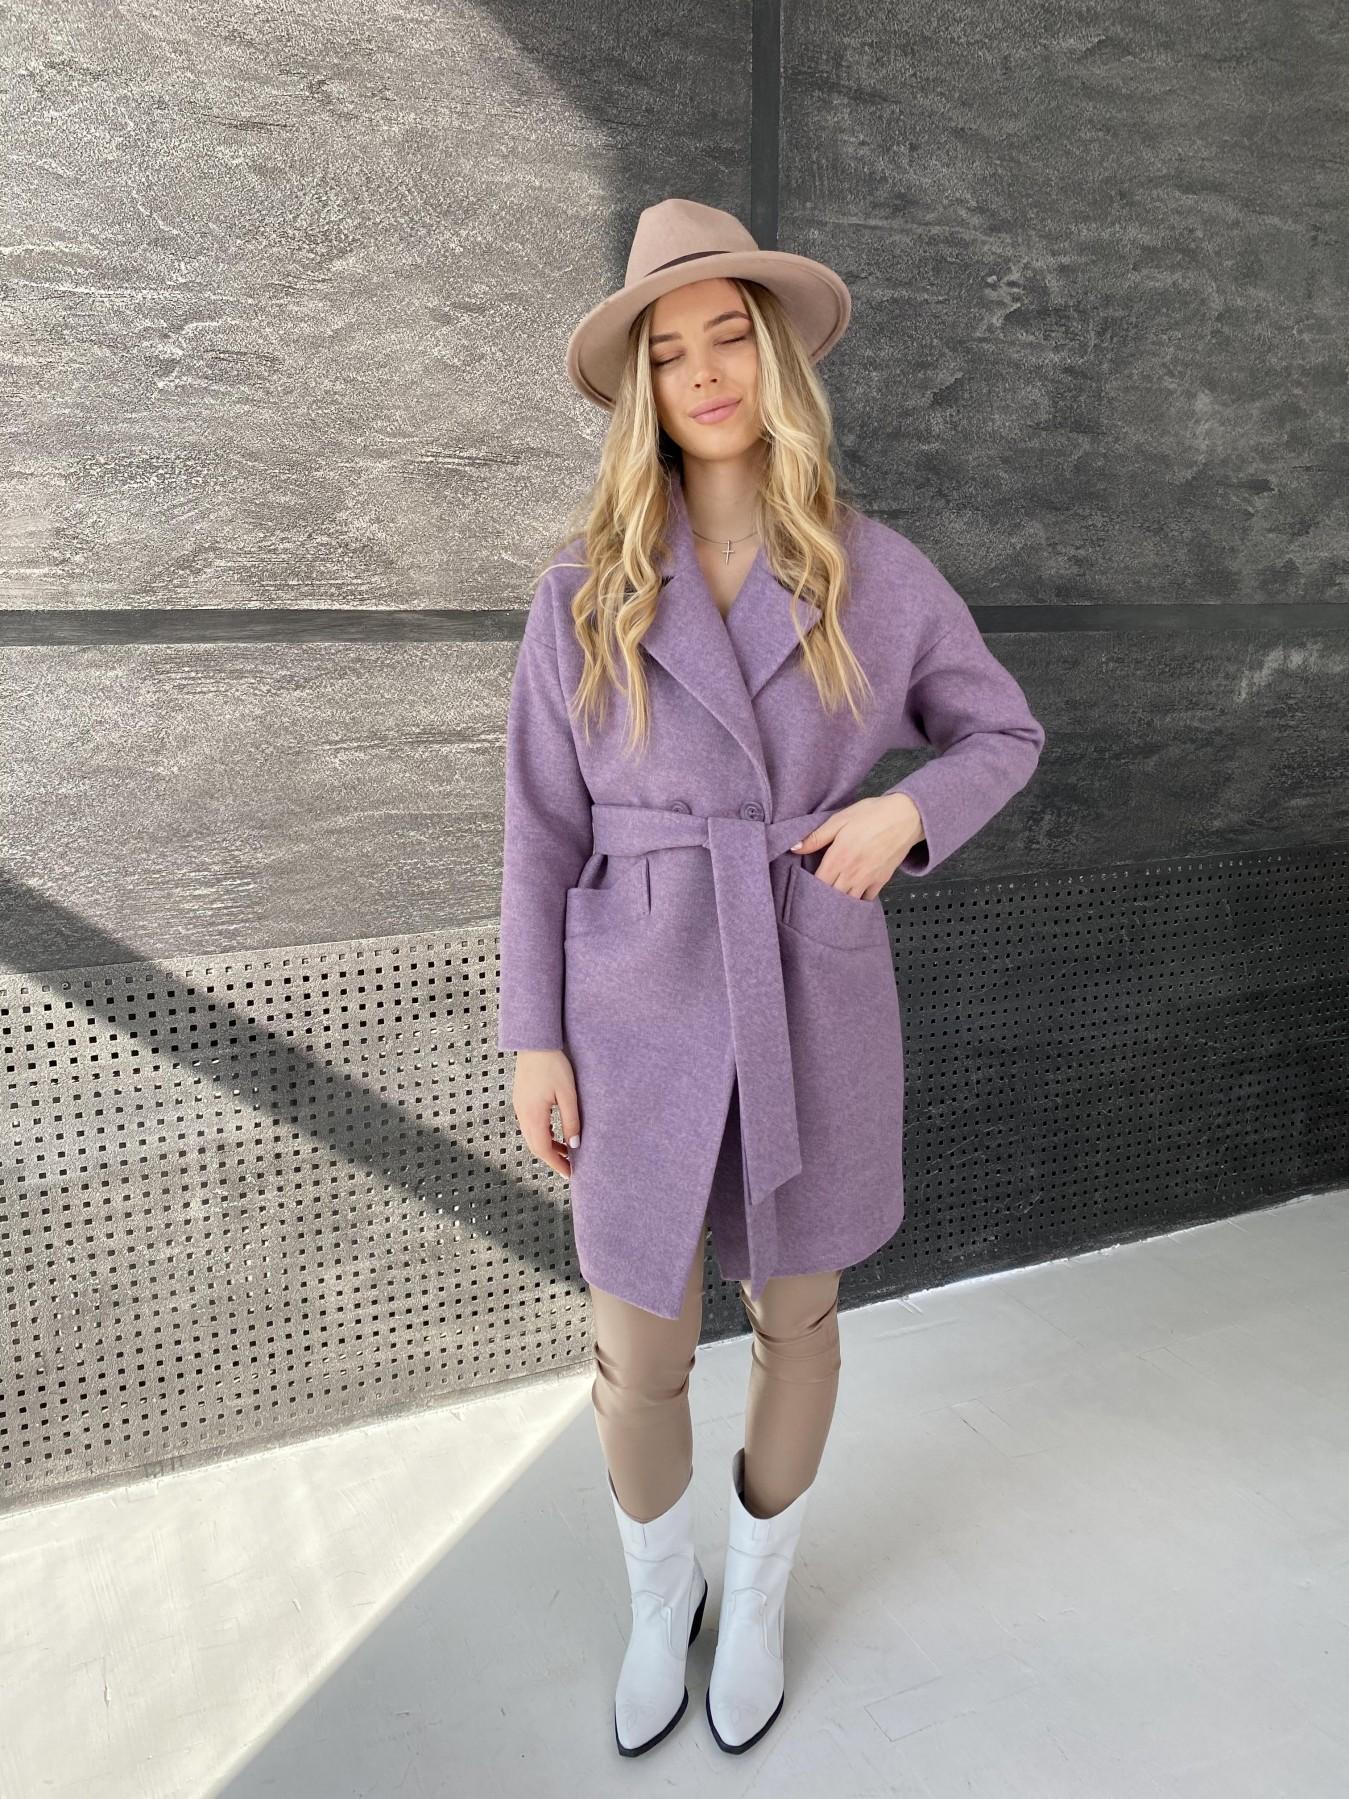 Сенсей пальто из кашемира меланж  10745 АРТ. 47232 Цвет: Сирень 42 - фото 7, интернет магазин tm-modus.ru